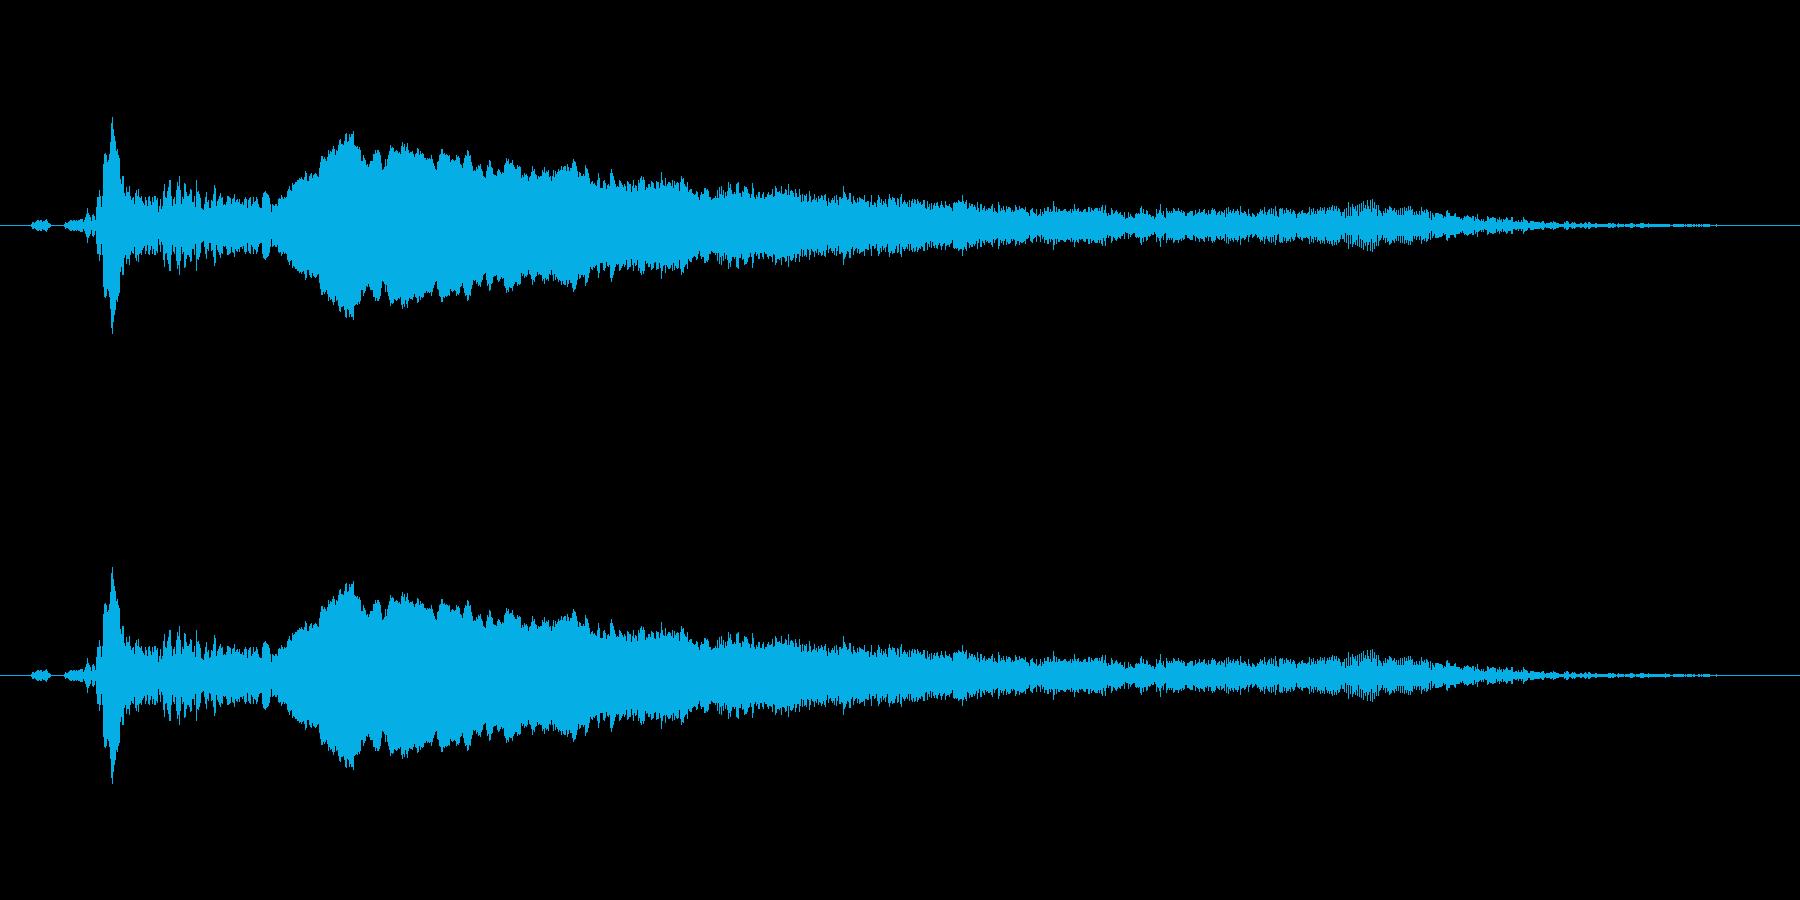 【鷹】とてもリアルな鷹、たかの鳴き声2!の再生済みの波形